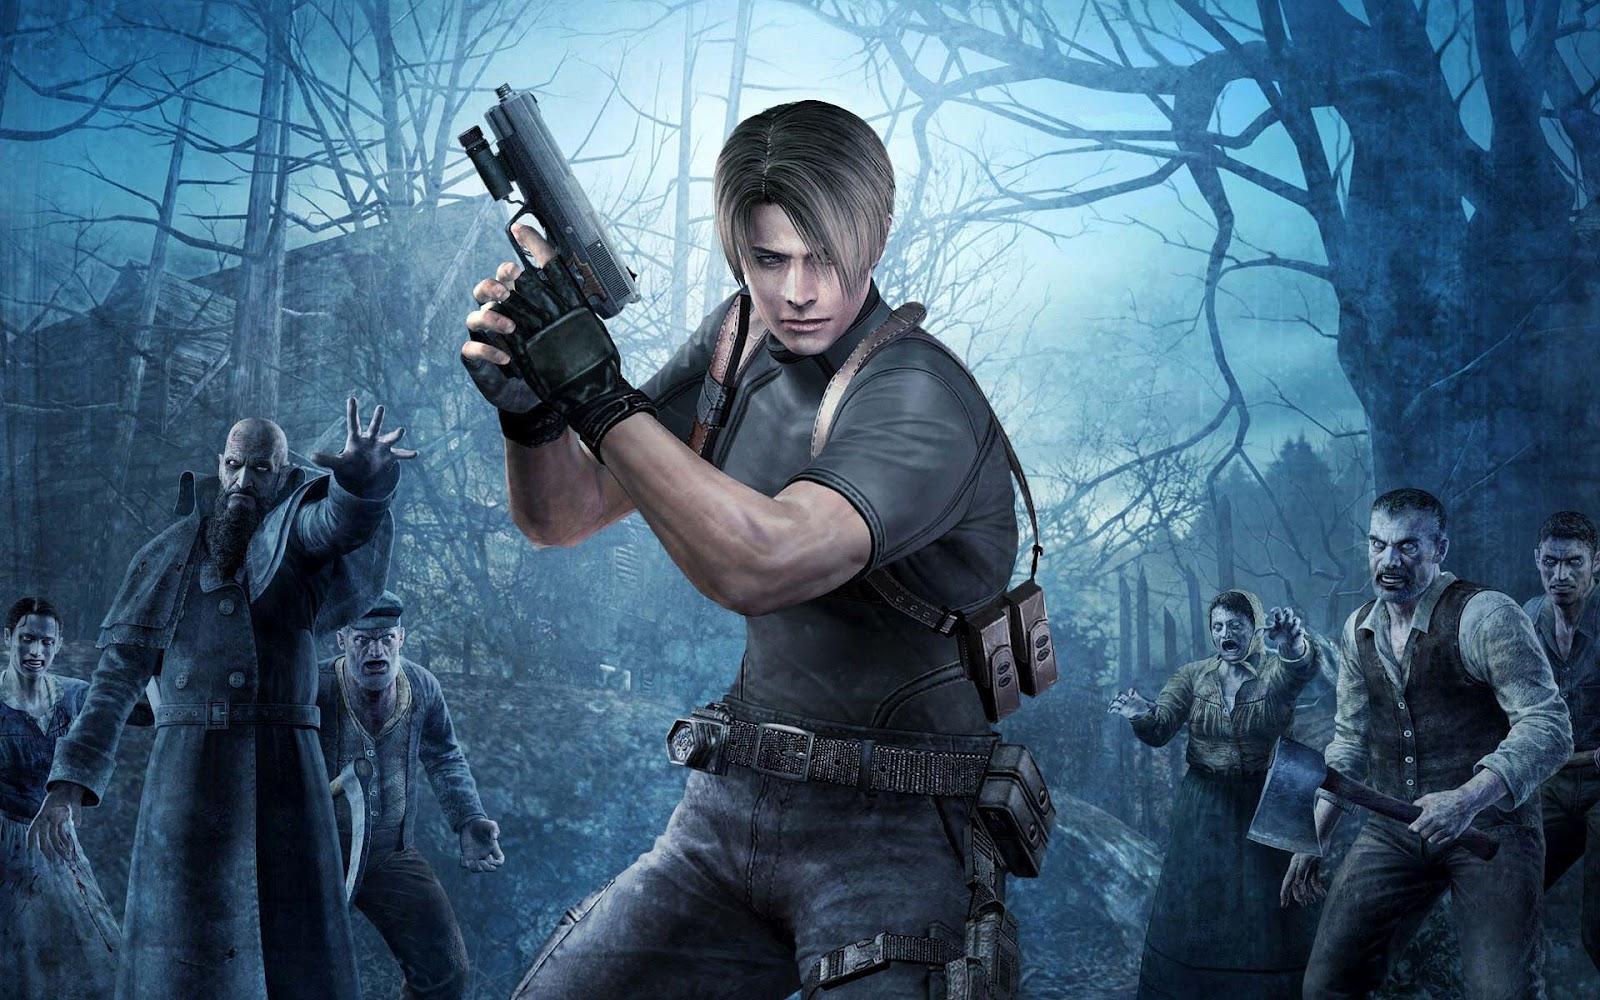 Resident Evil 4 Wallpapers Video Game HQ Resident Evil 4